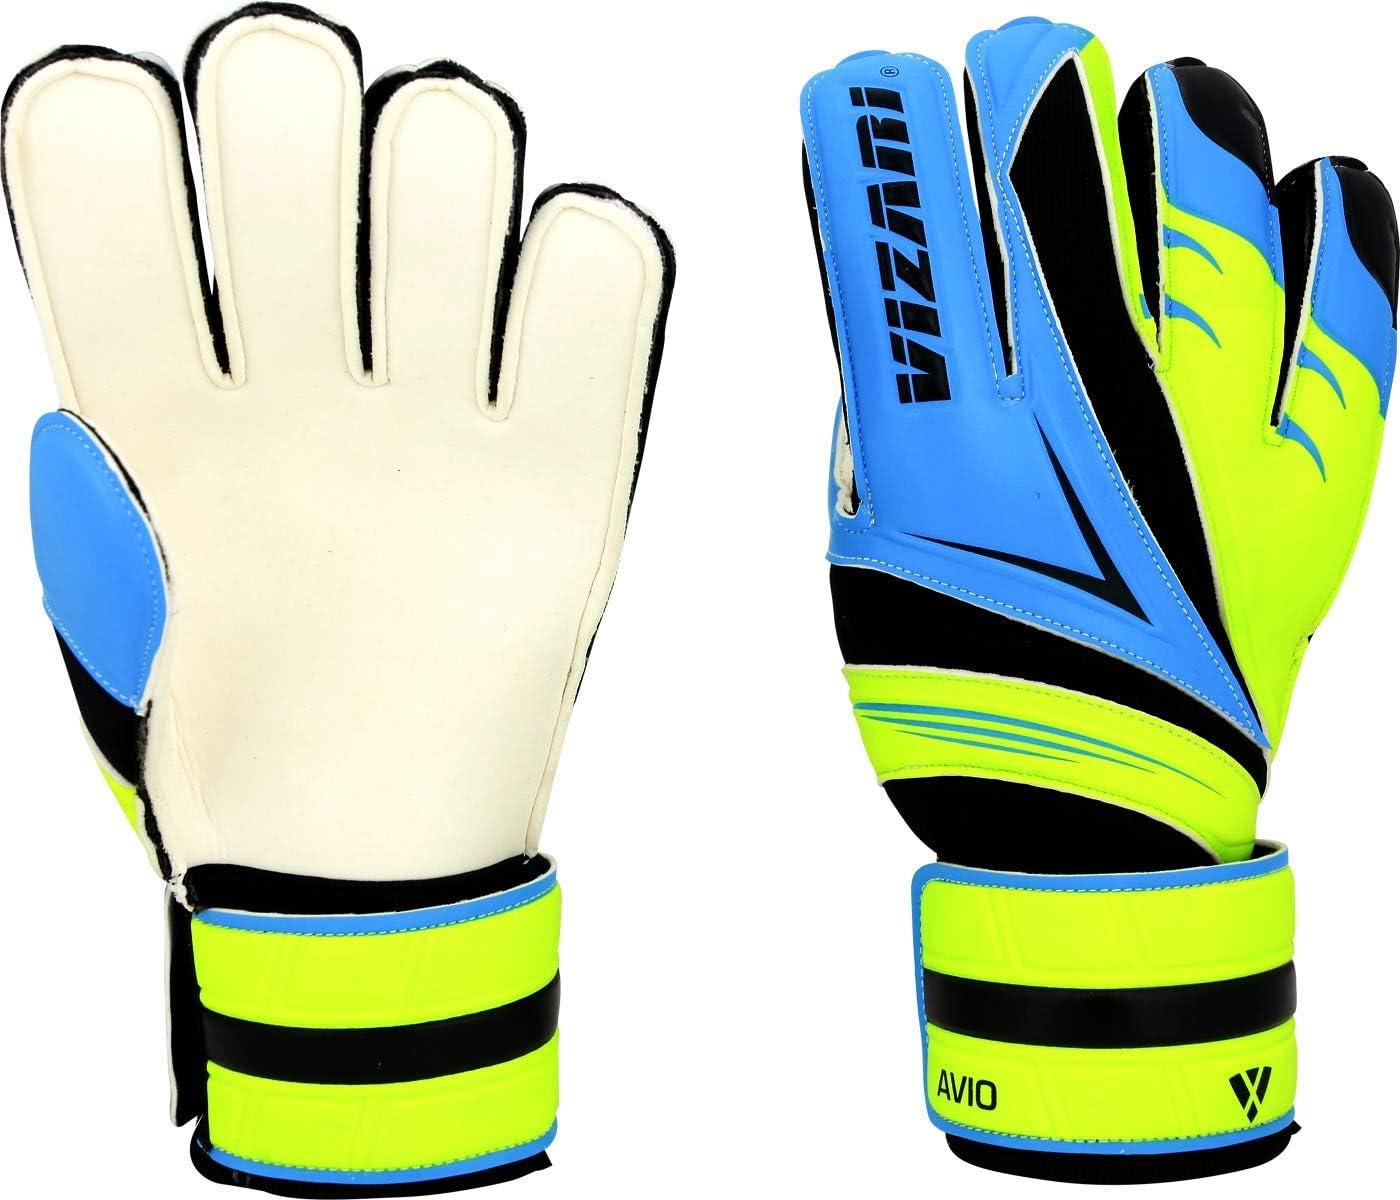 Vizari Avio Fixed price for sale Glove Max 45% OFF F.R.F